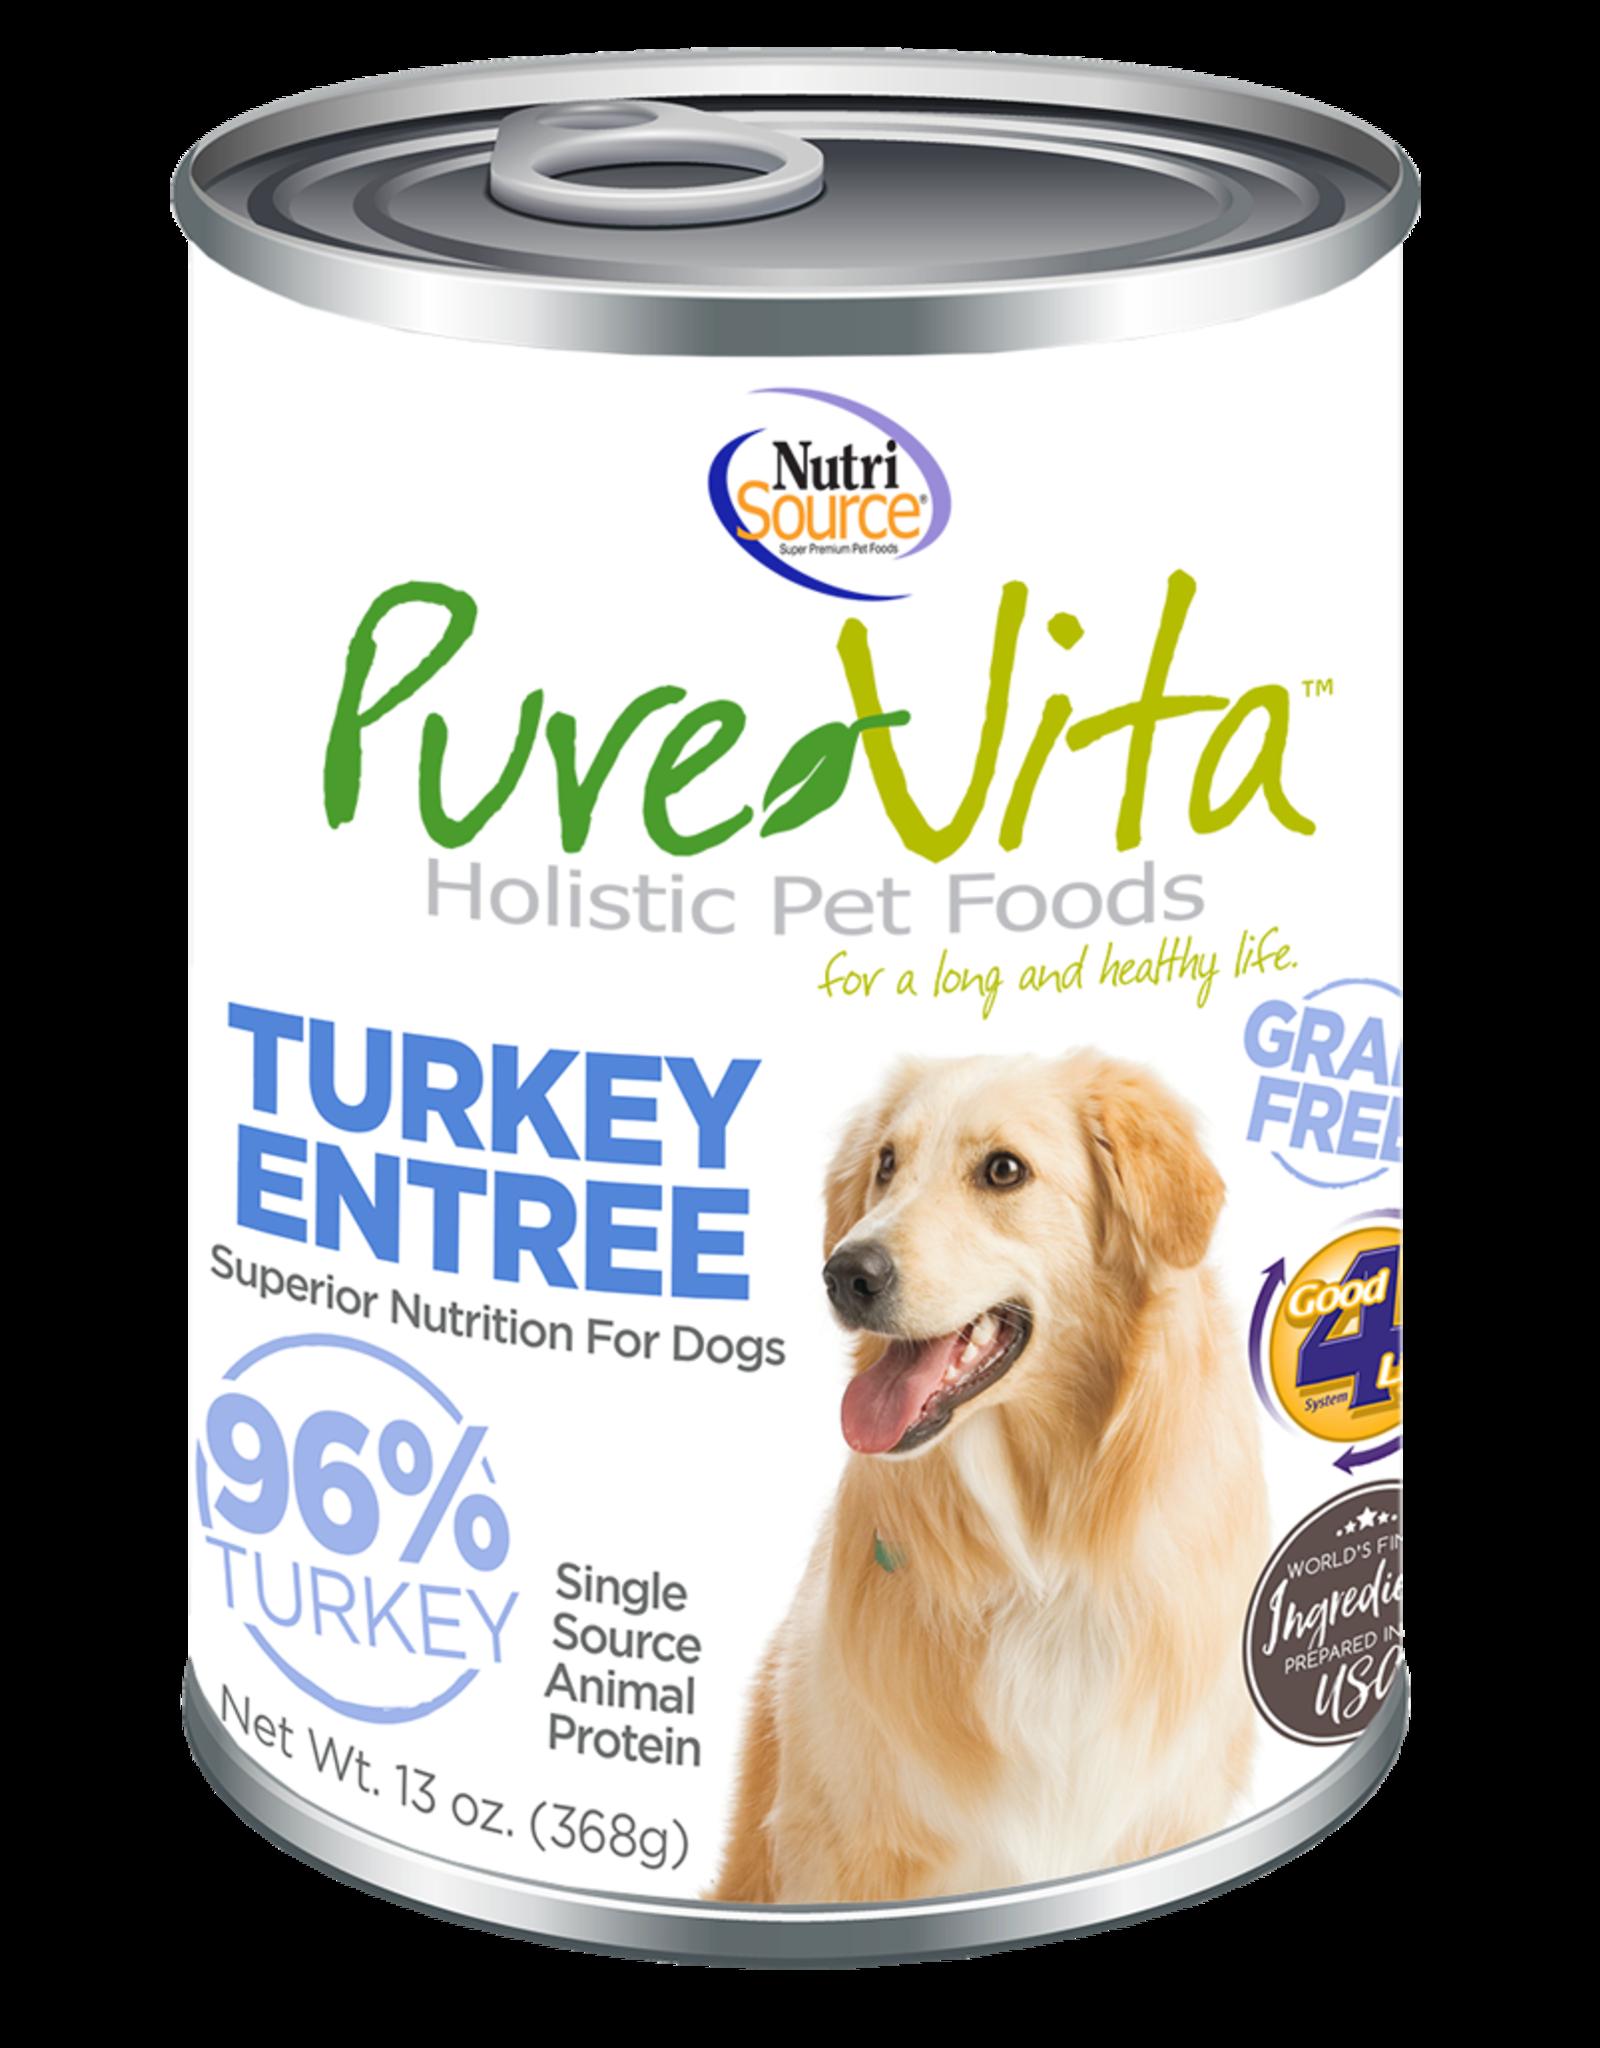 NutriSource Pet Foods PUREVITA DOG TURKEY ENTRÉE 13OZ